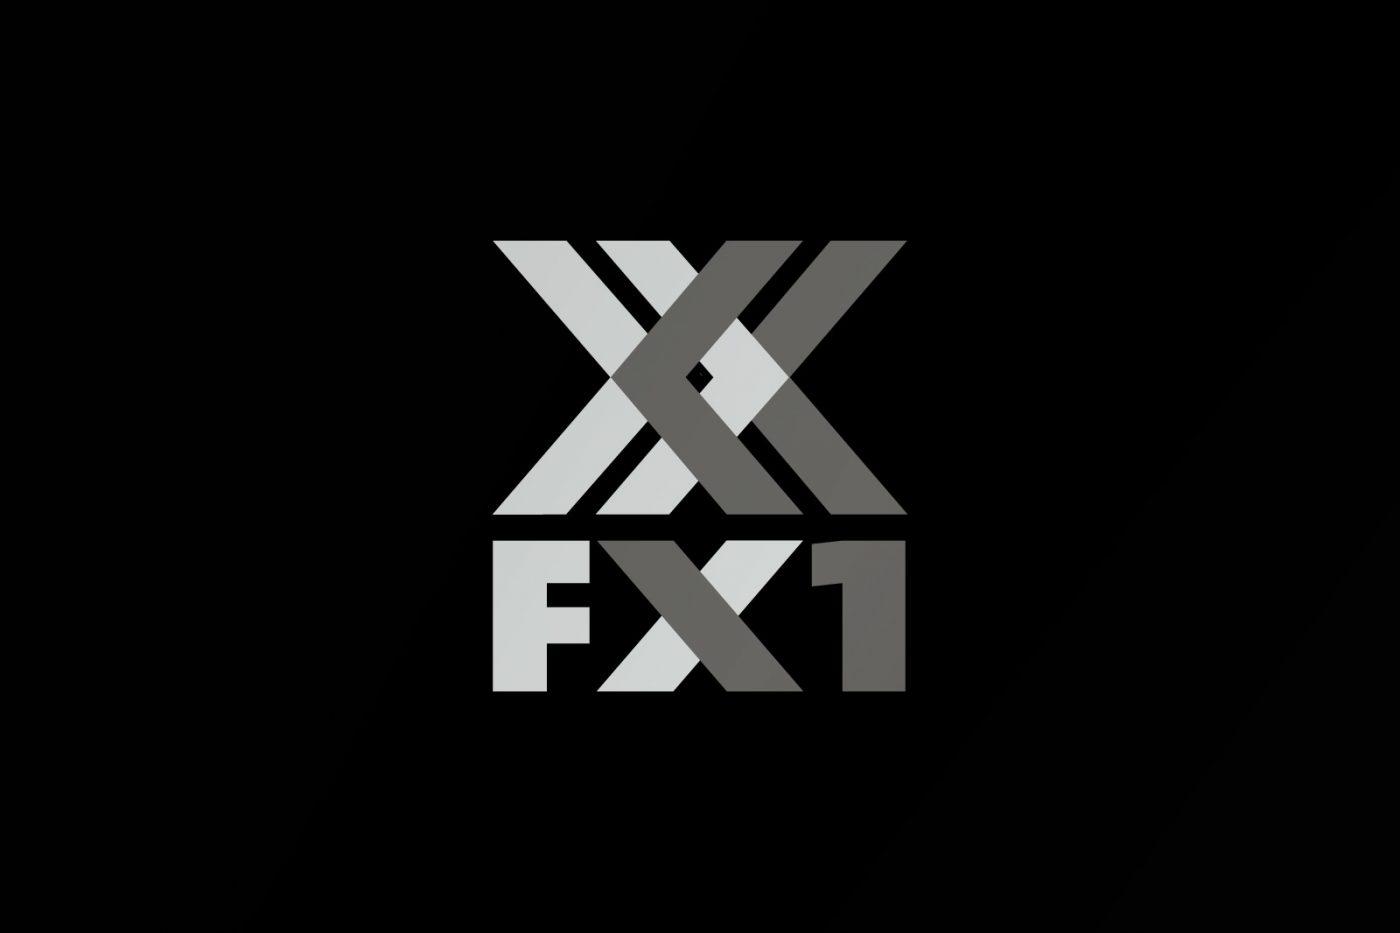 ITW Nexus   FX1